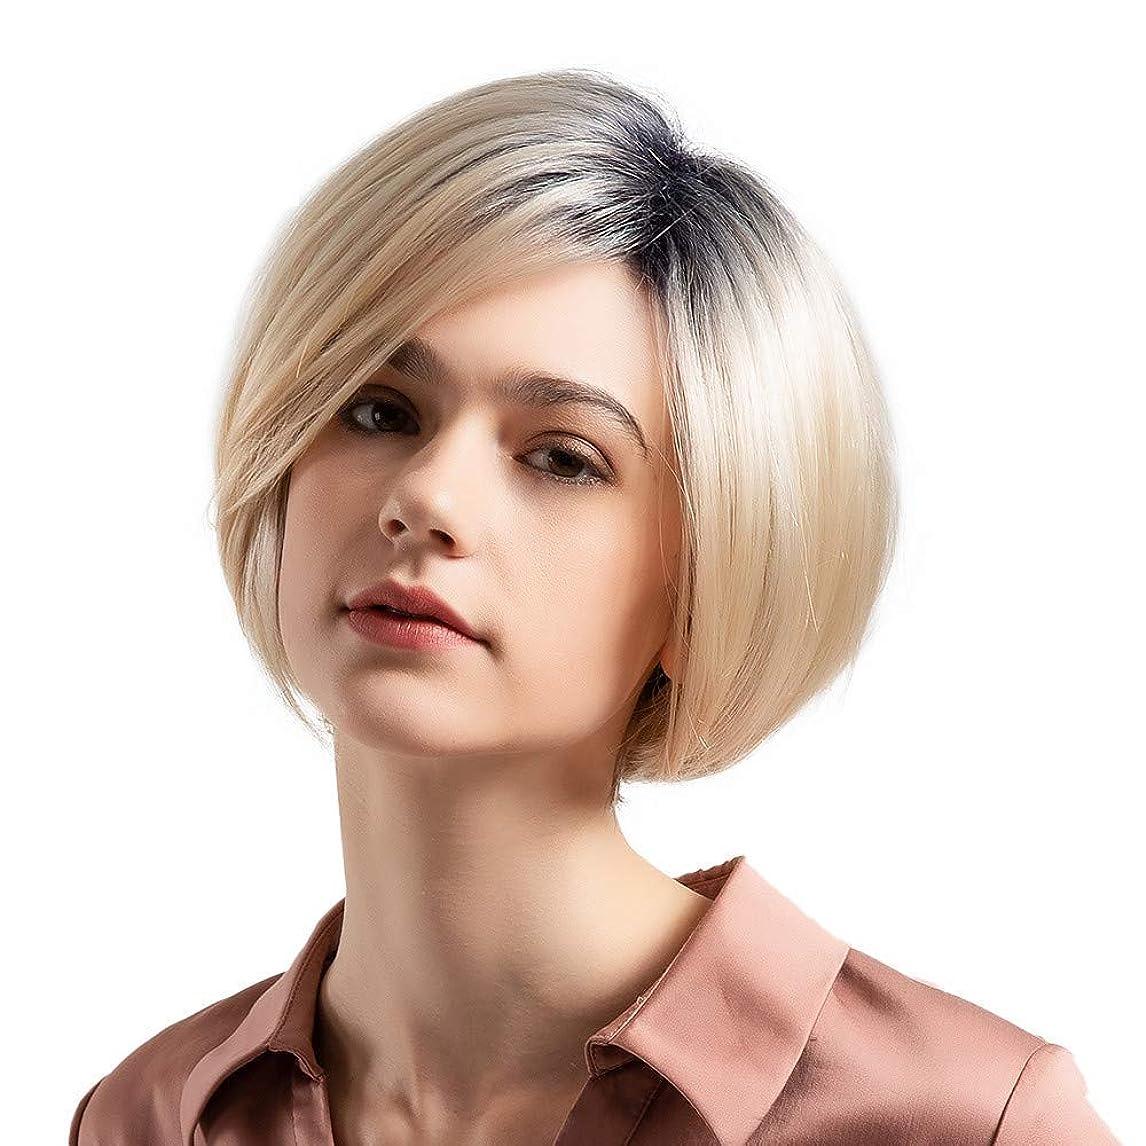 居住者ブル努力ウィッグショートボブストレートヘア50%リアルヘアウィッグ女性のファッショングラデーションウィッグ